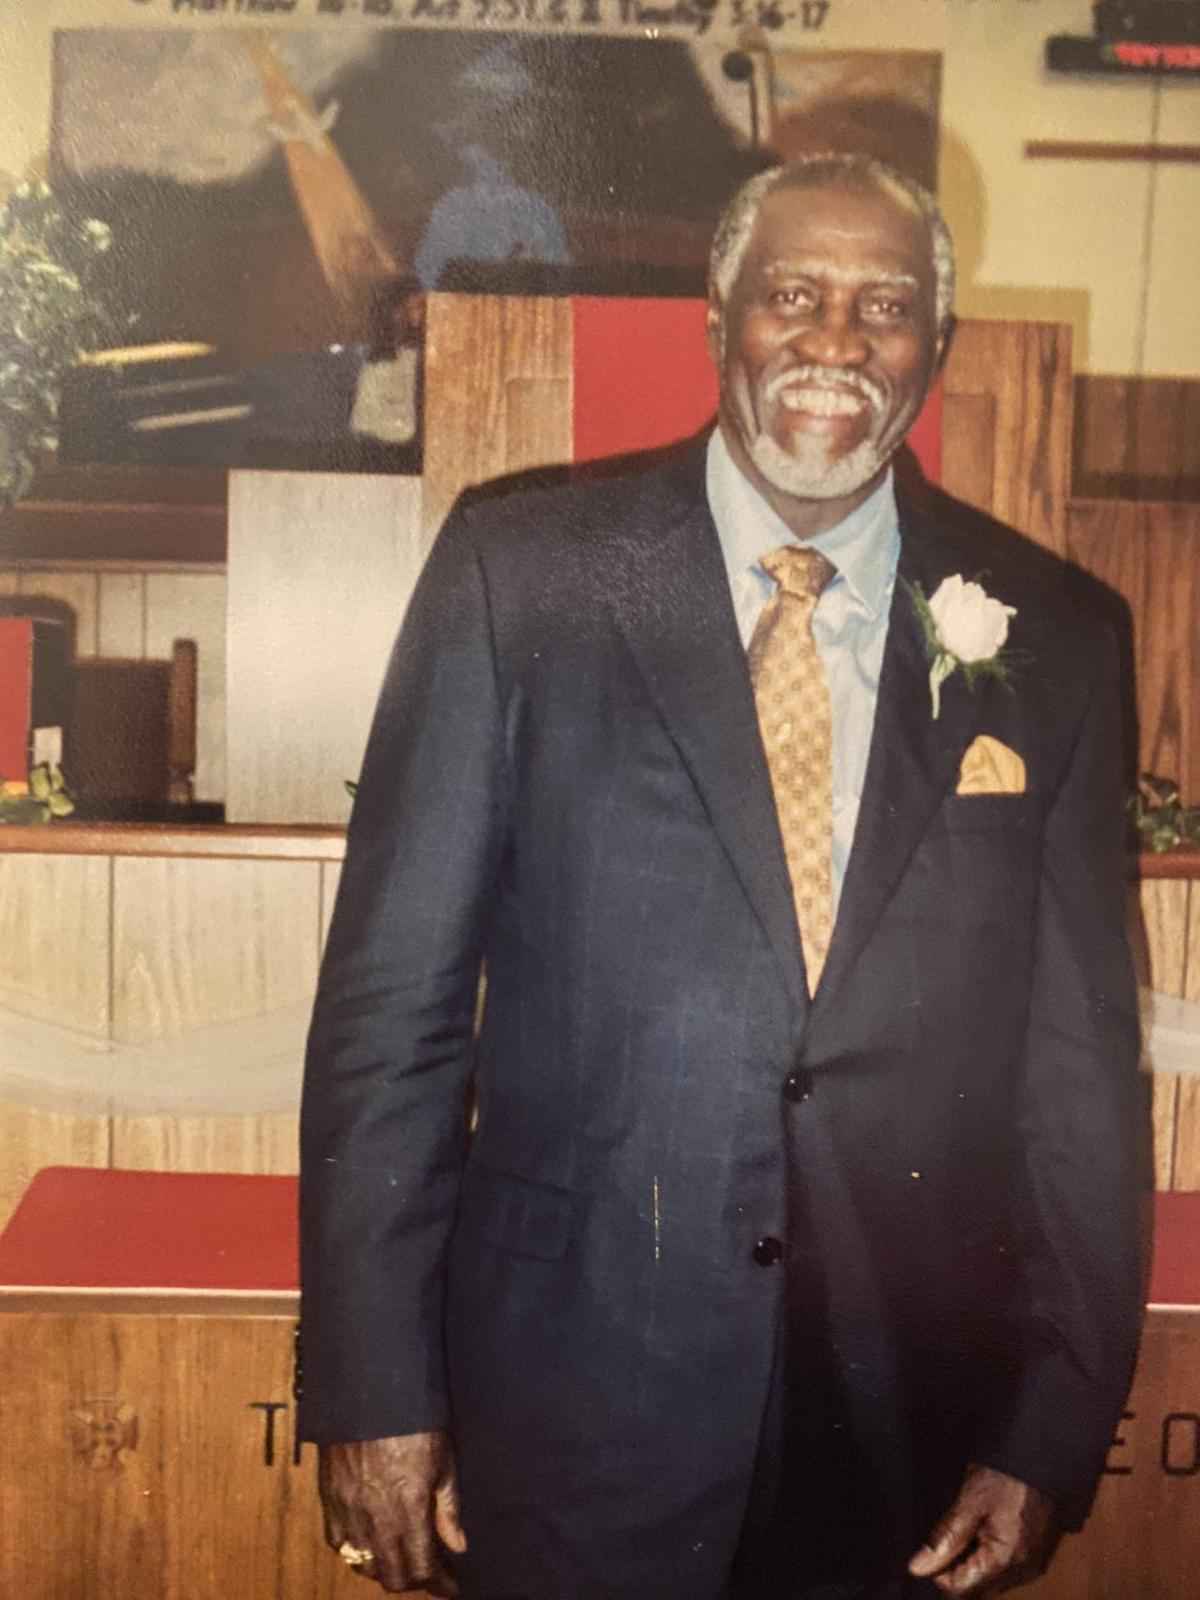 Pastor Hubert Debose, Sr.